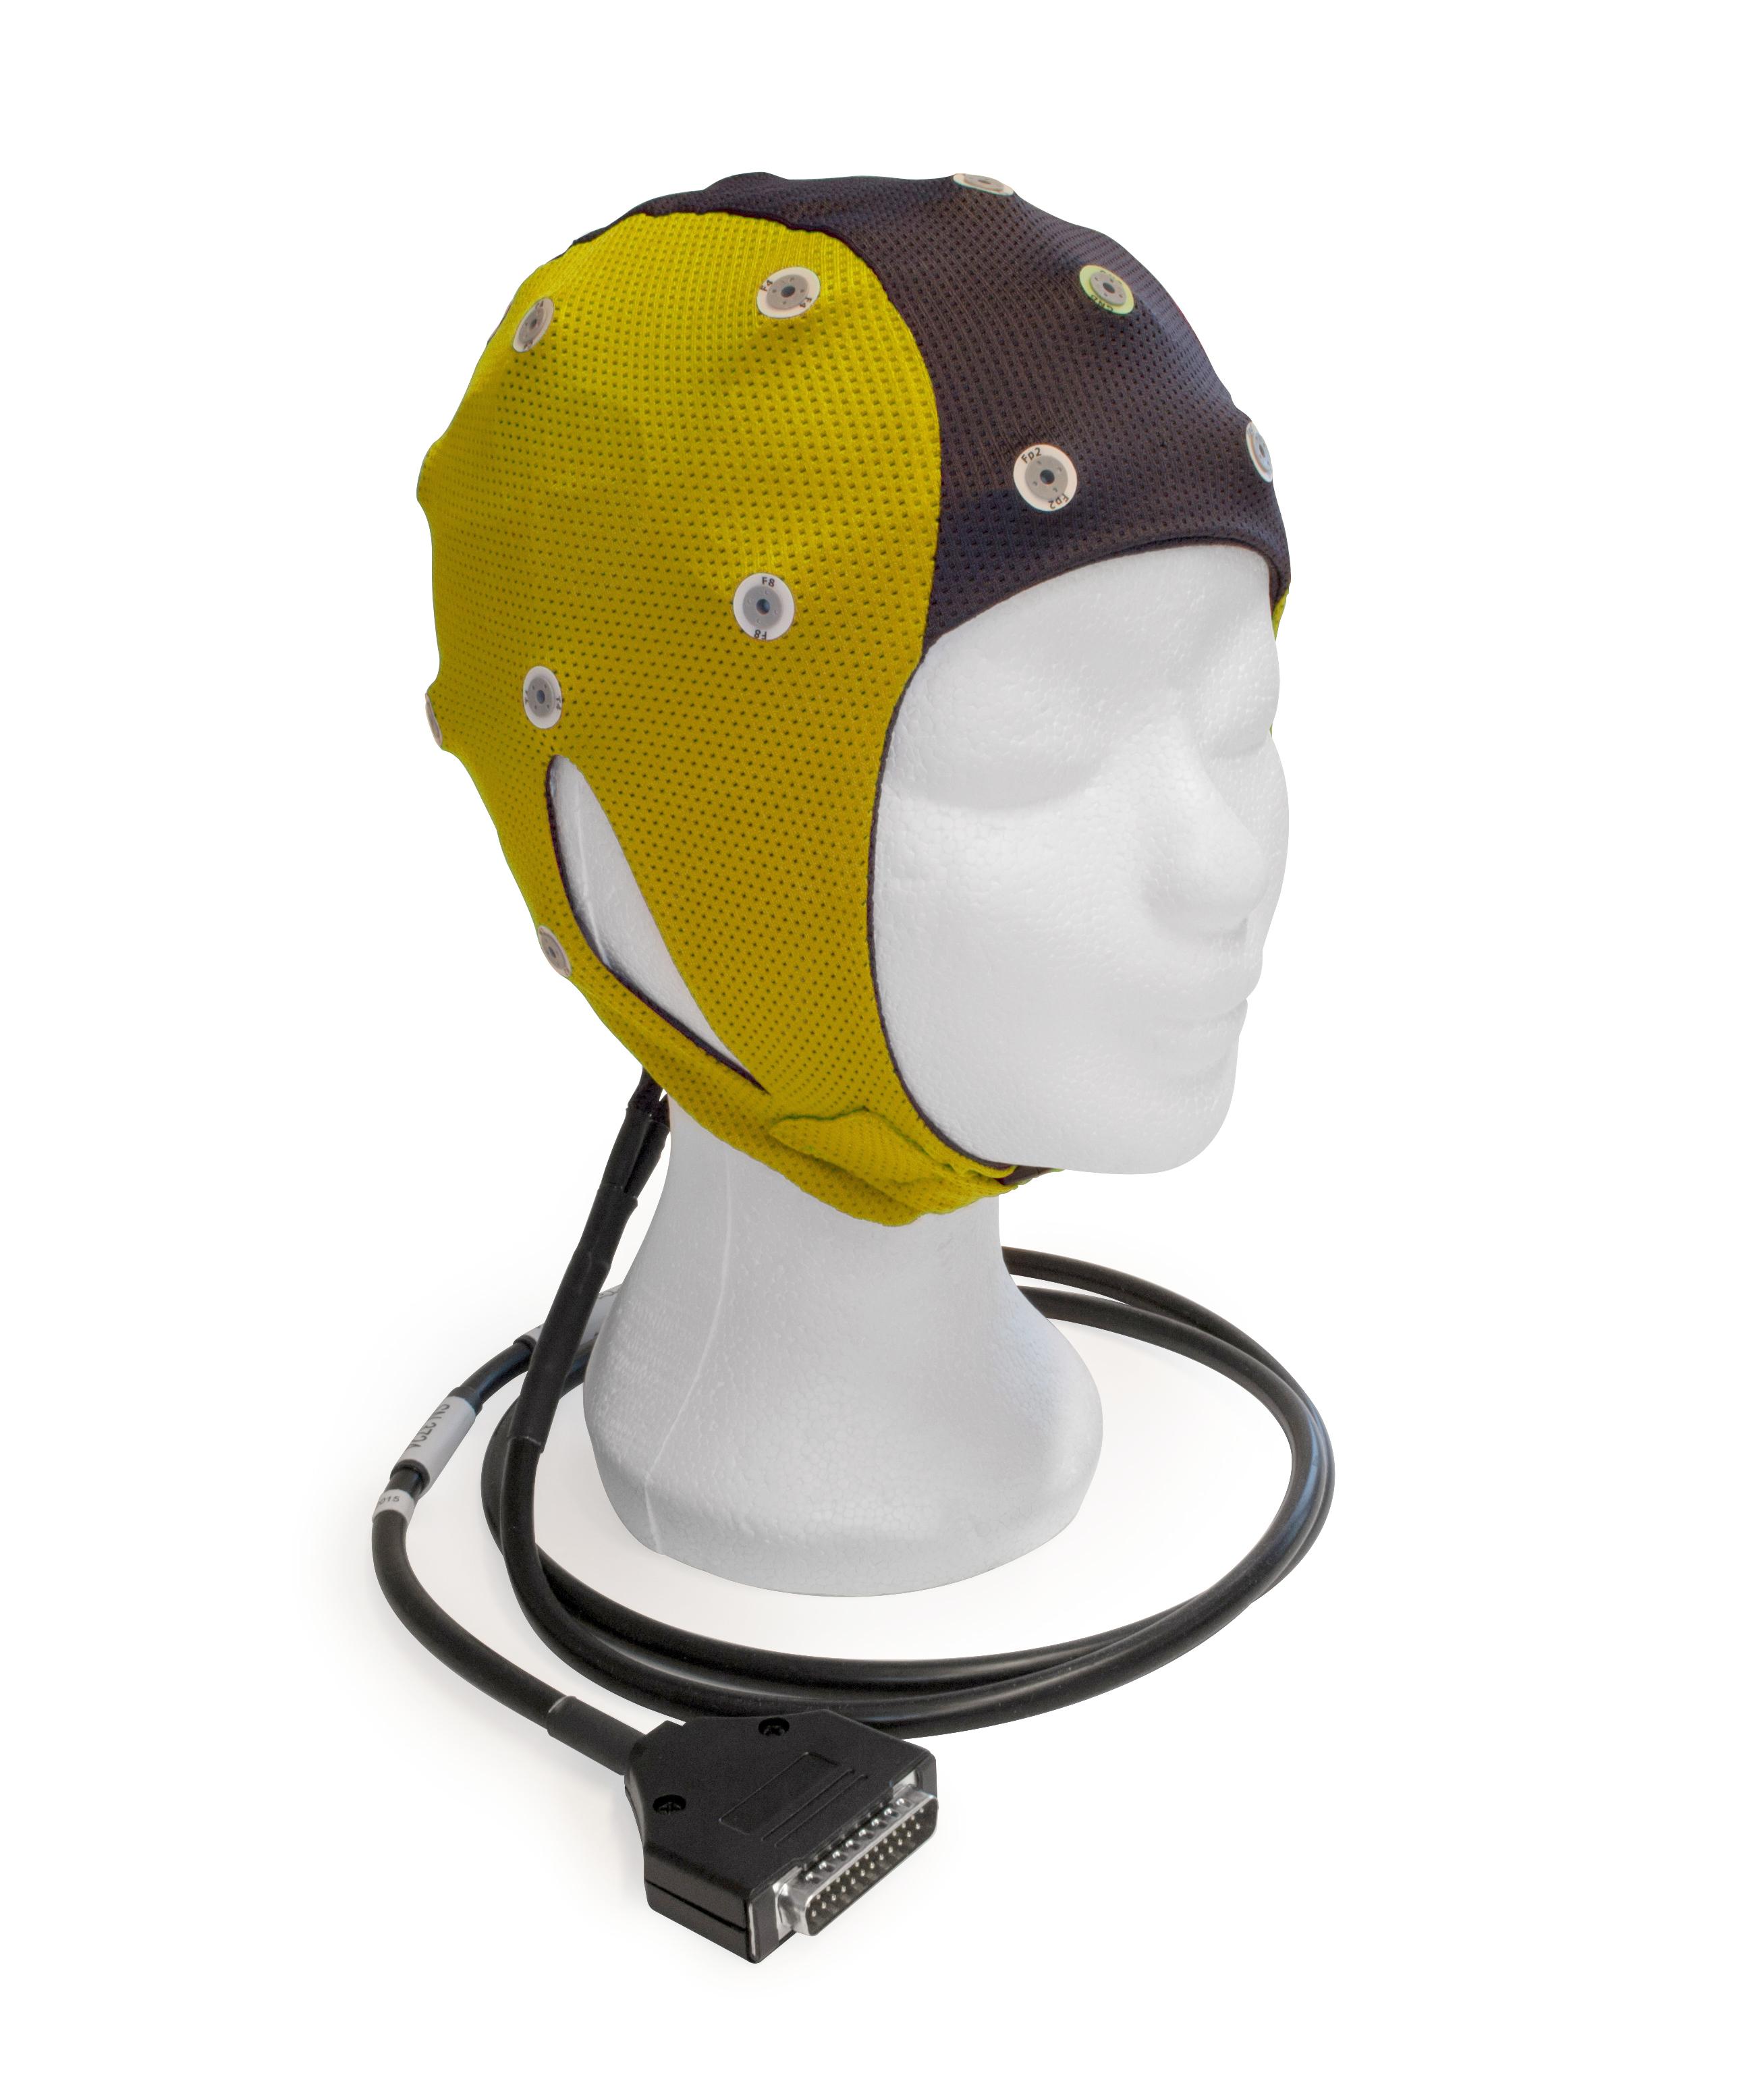 EEG čepice ANT-Neuro waveguard™ connect: B (36 – 39 cm, Žlutá)